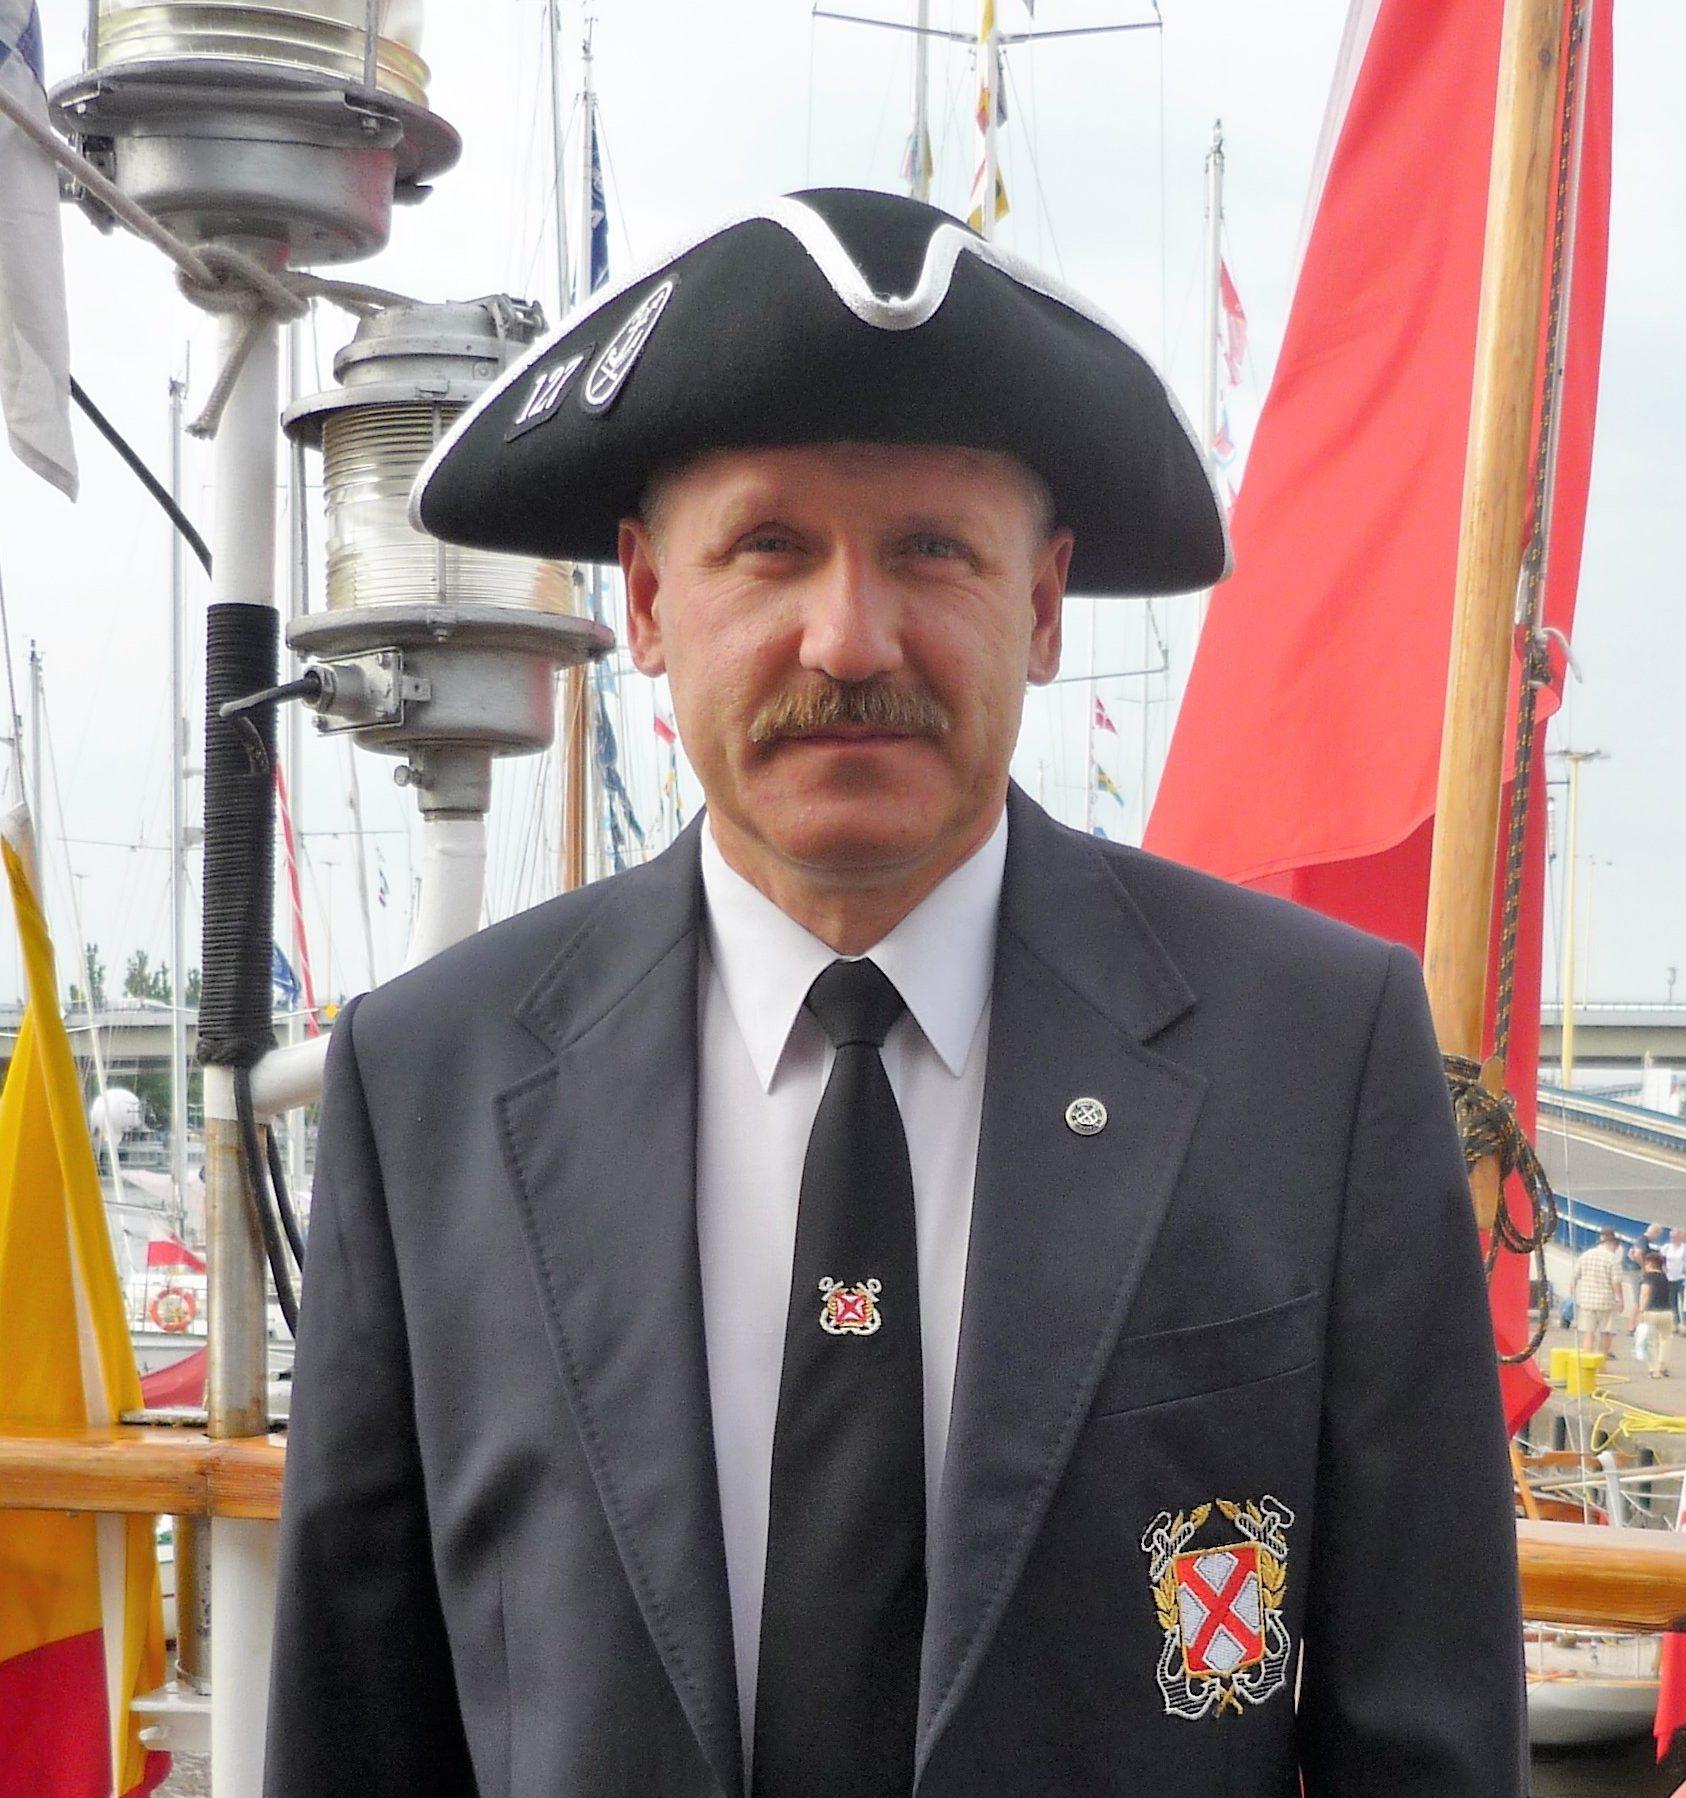 Piotr Owczarski - Historyk